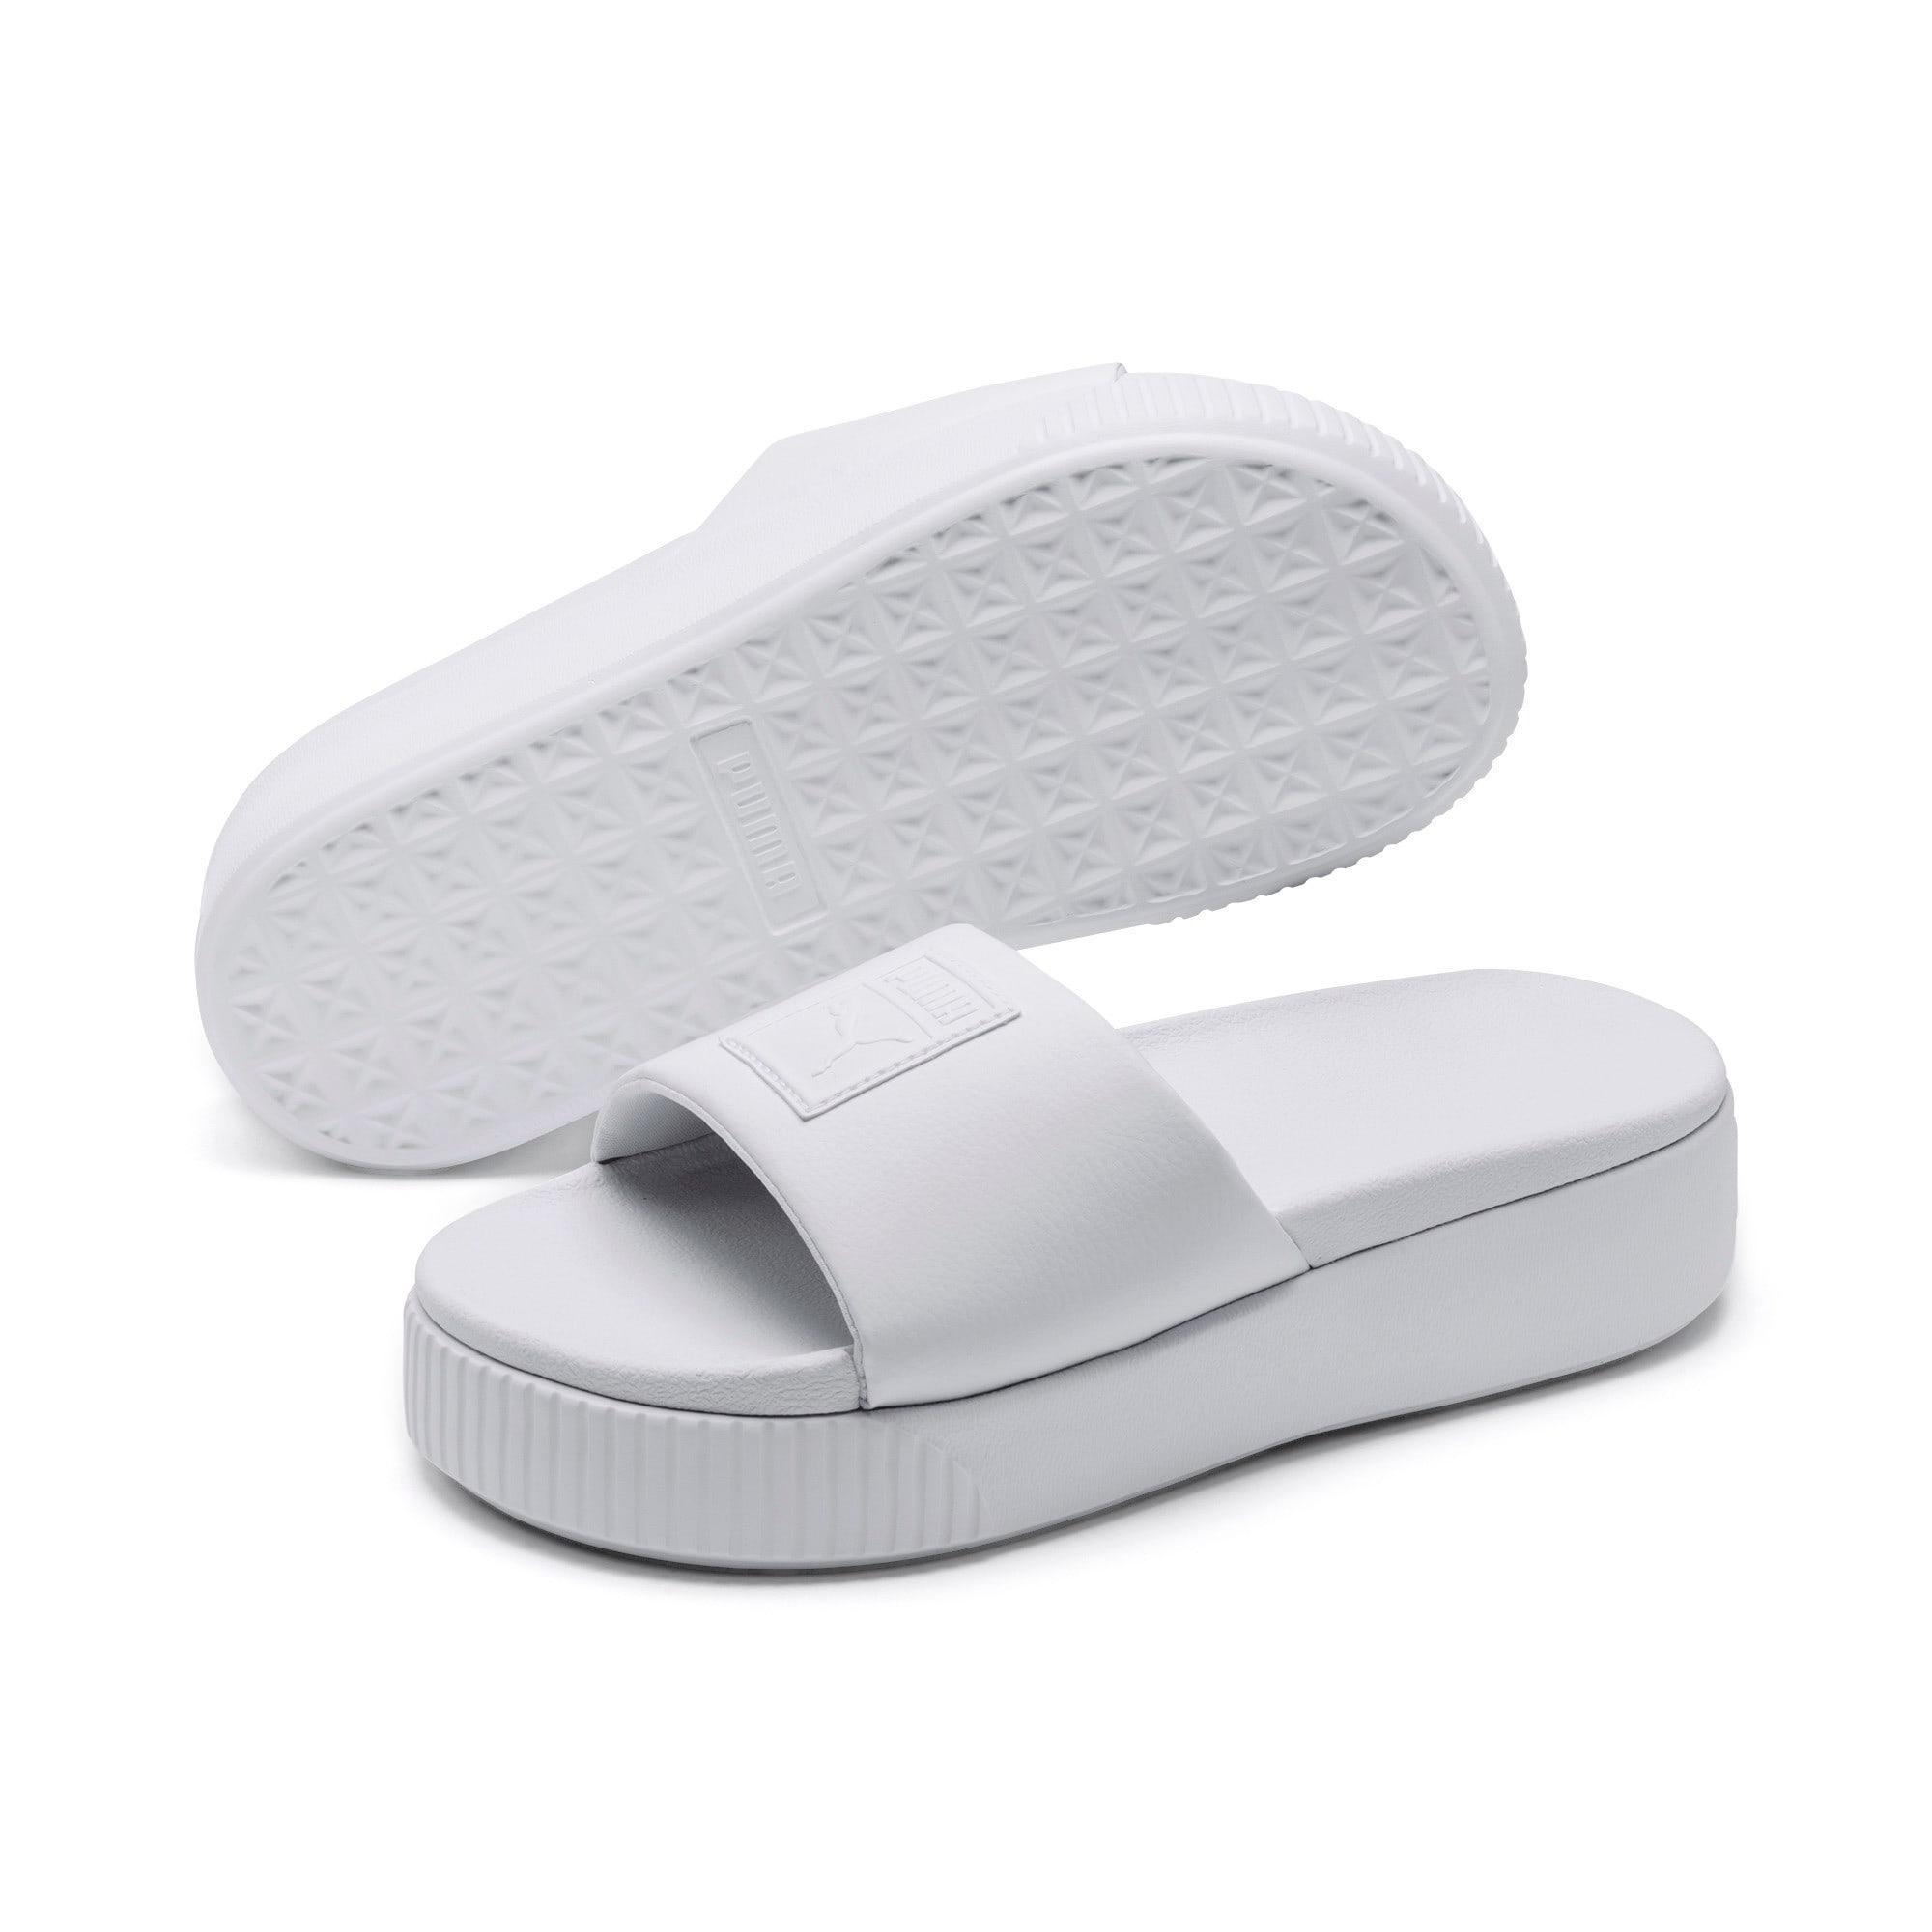 Thumbnail 2 of Platform Slide Women's Sandals, Puma White-Puma White, medium